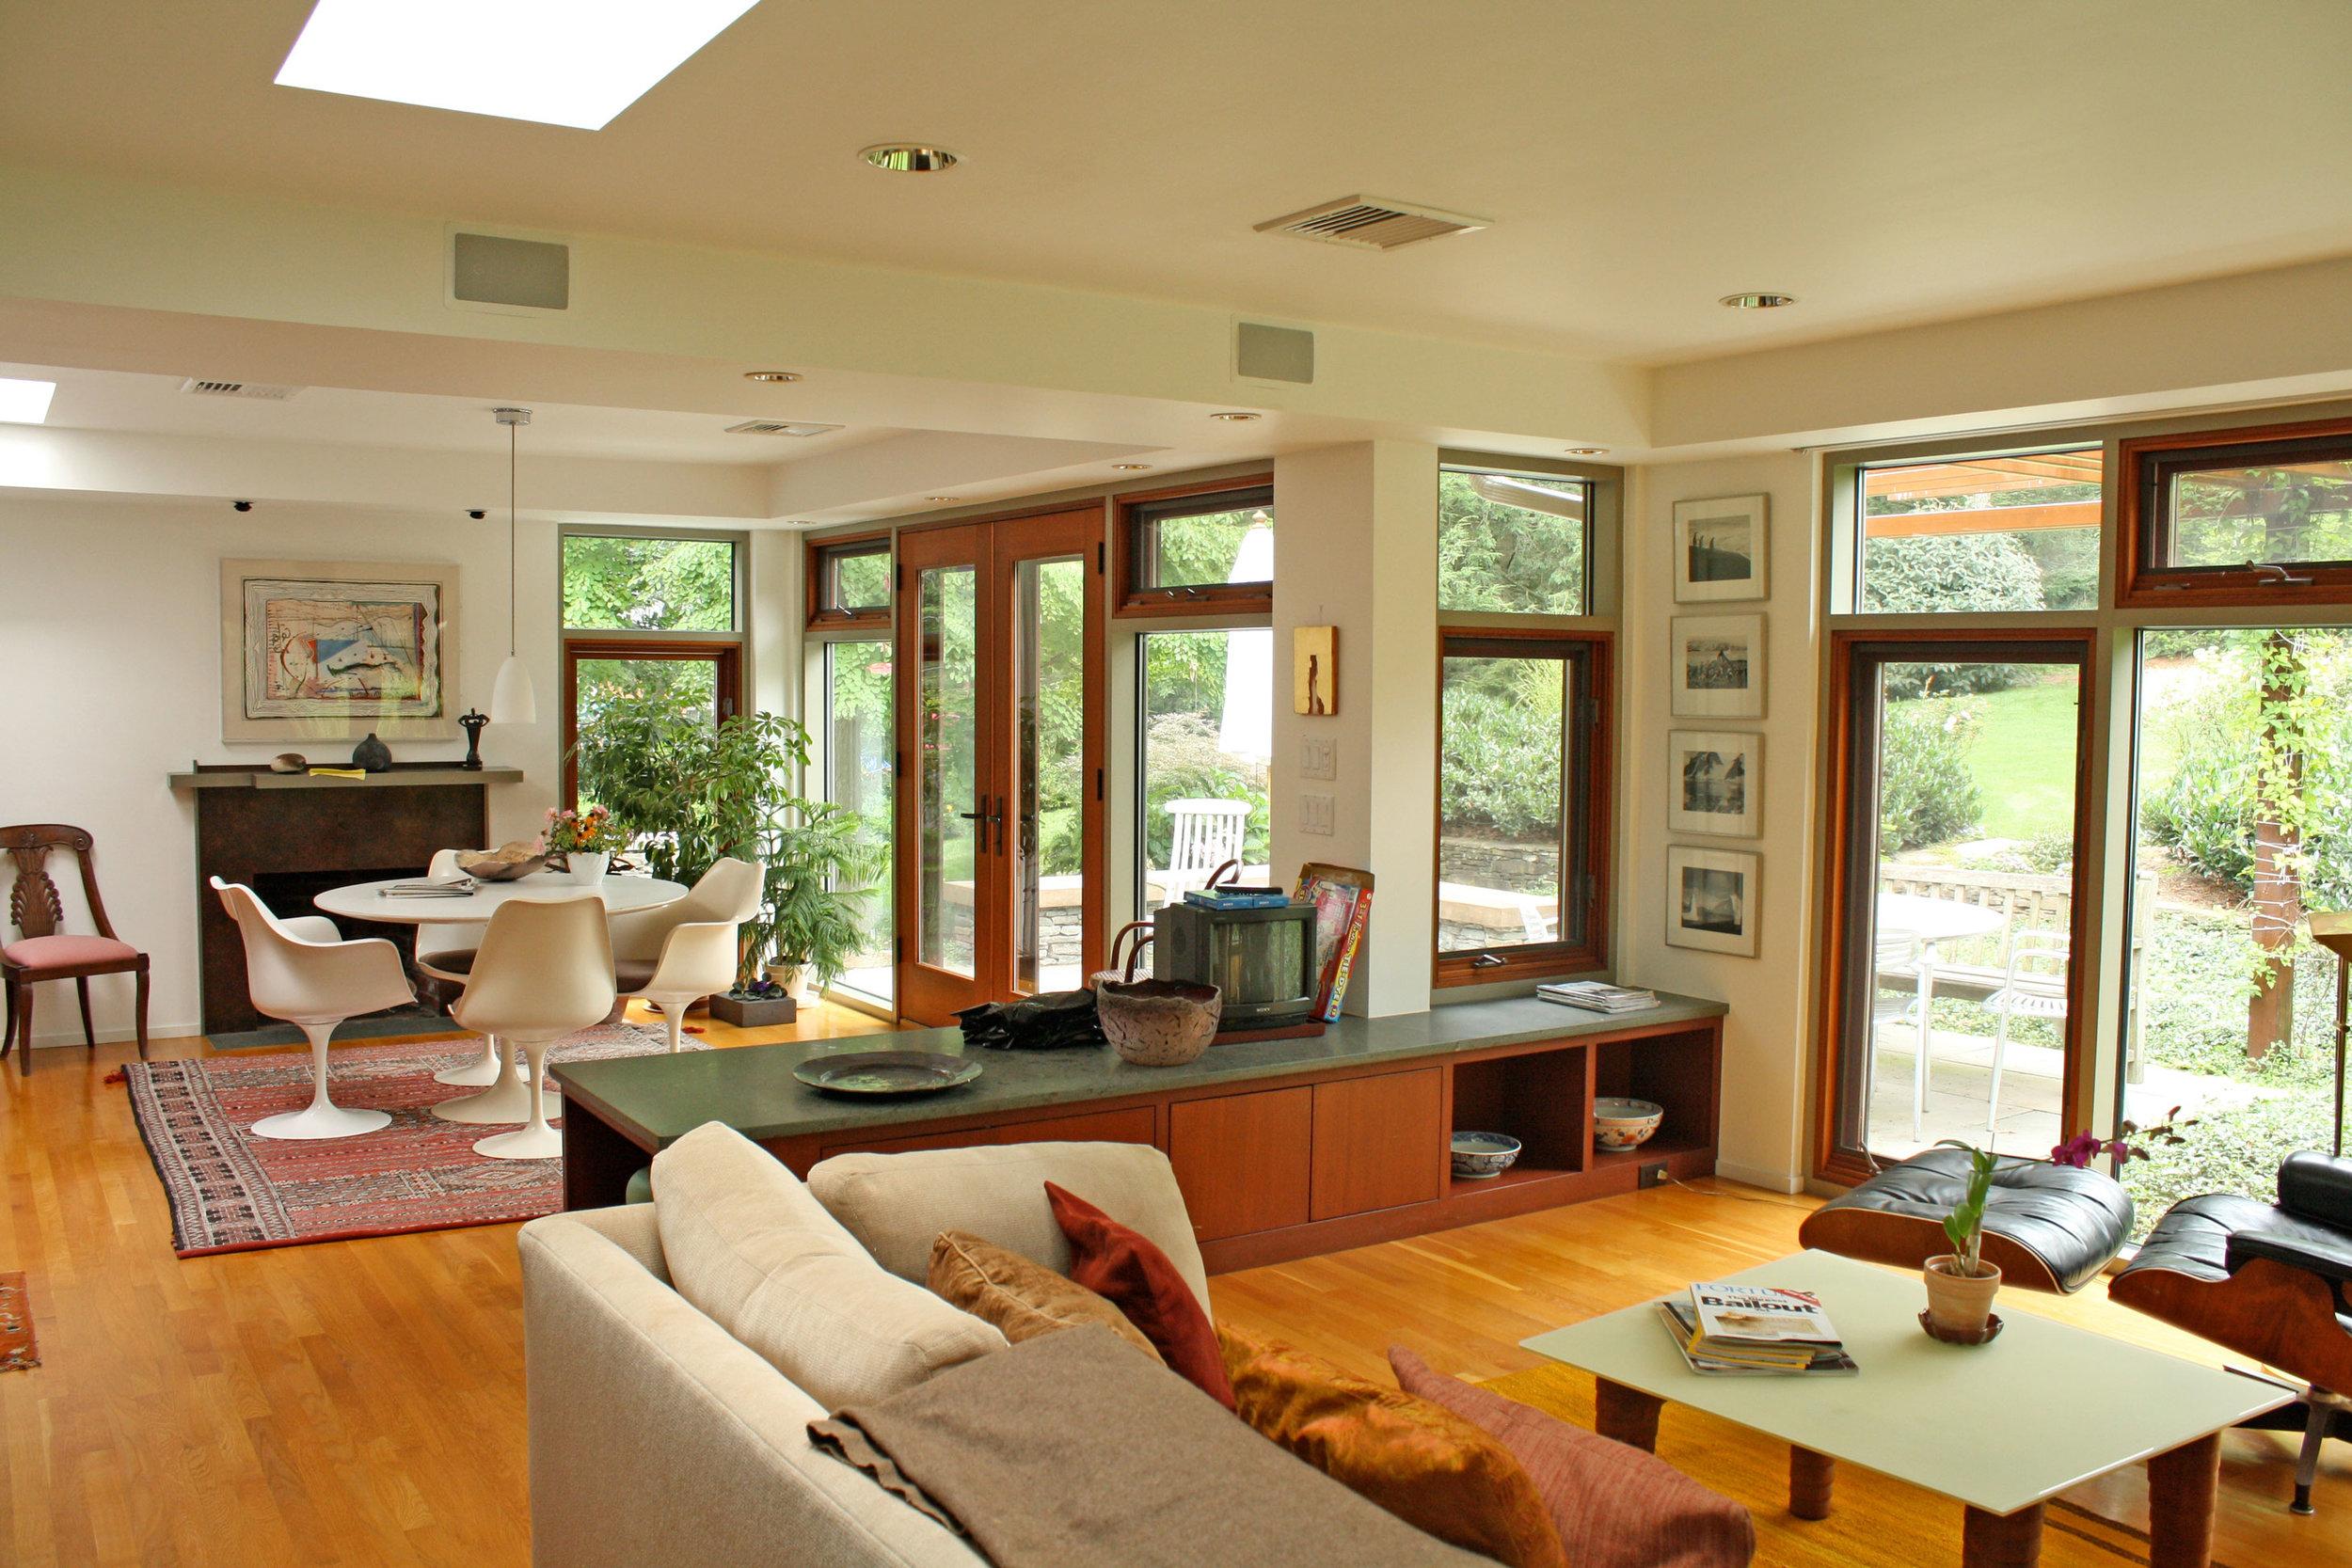 craftsmen-living-room-dining-room.jpg